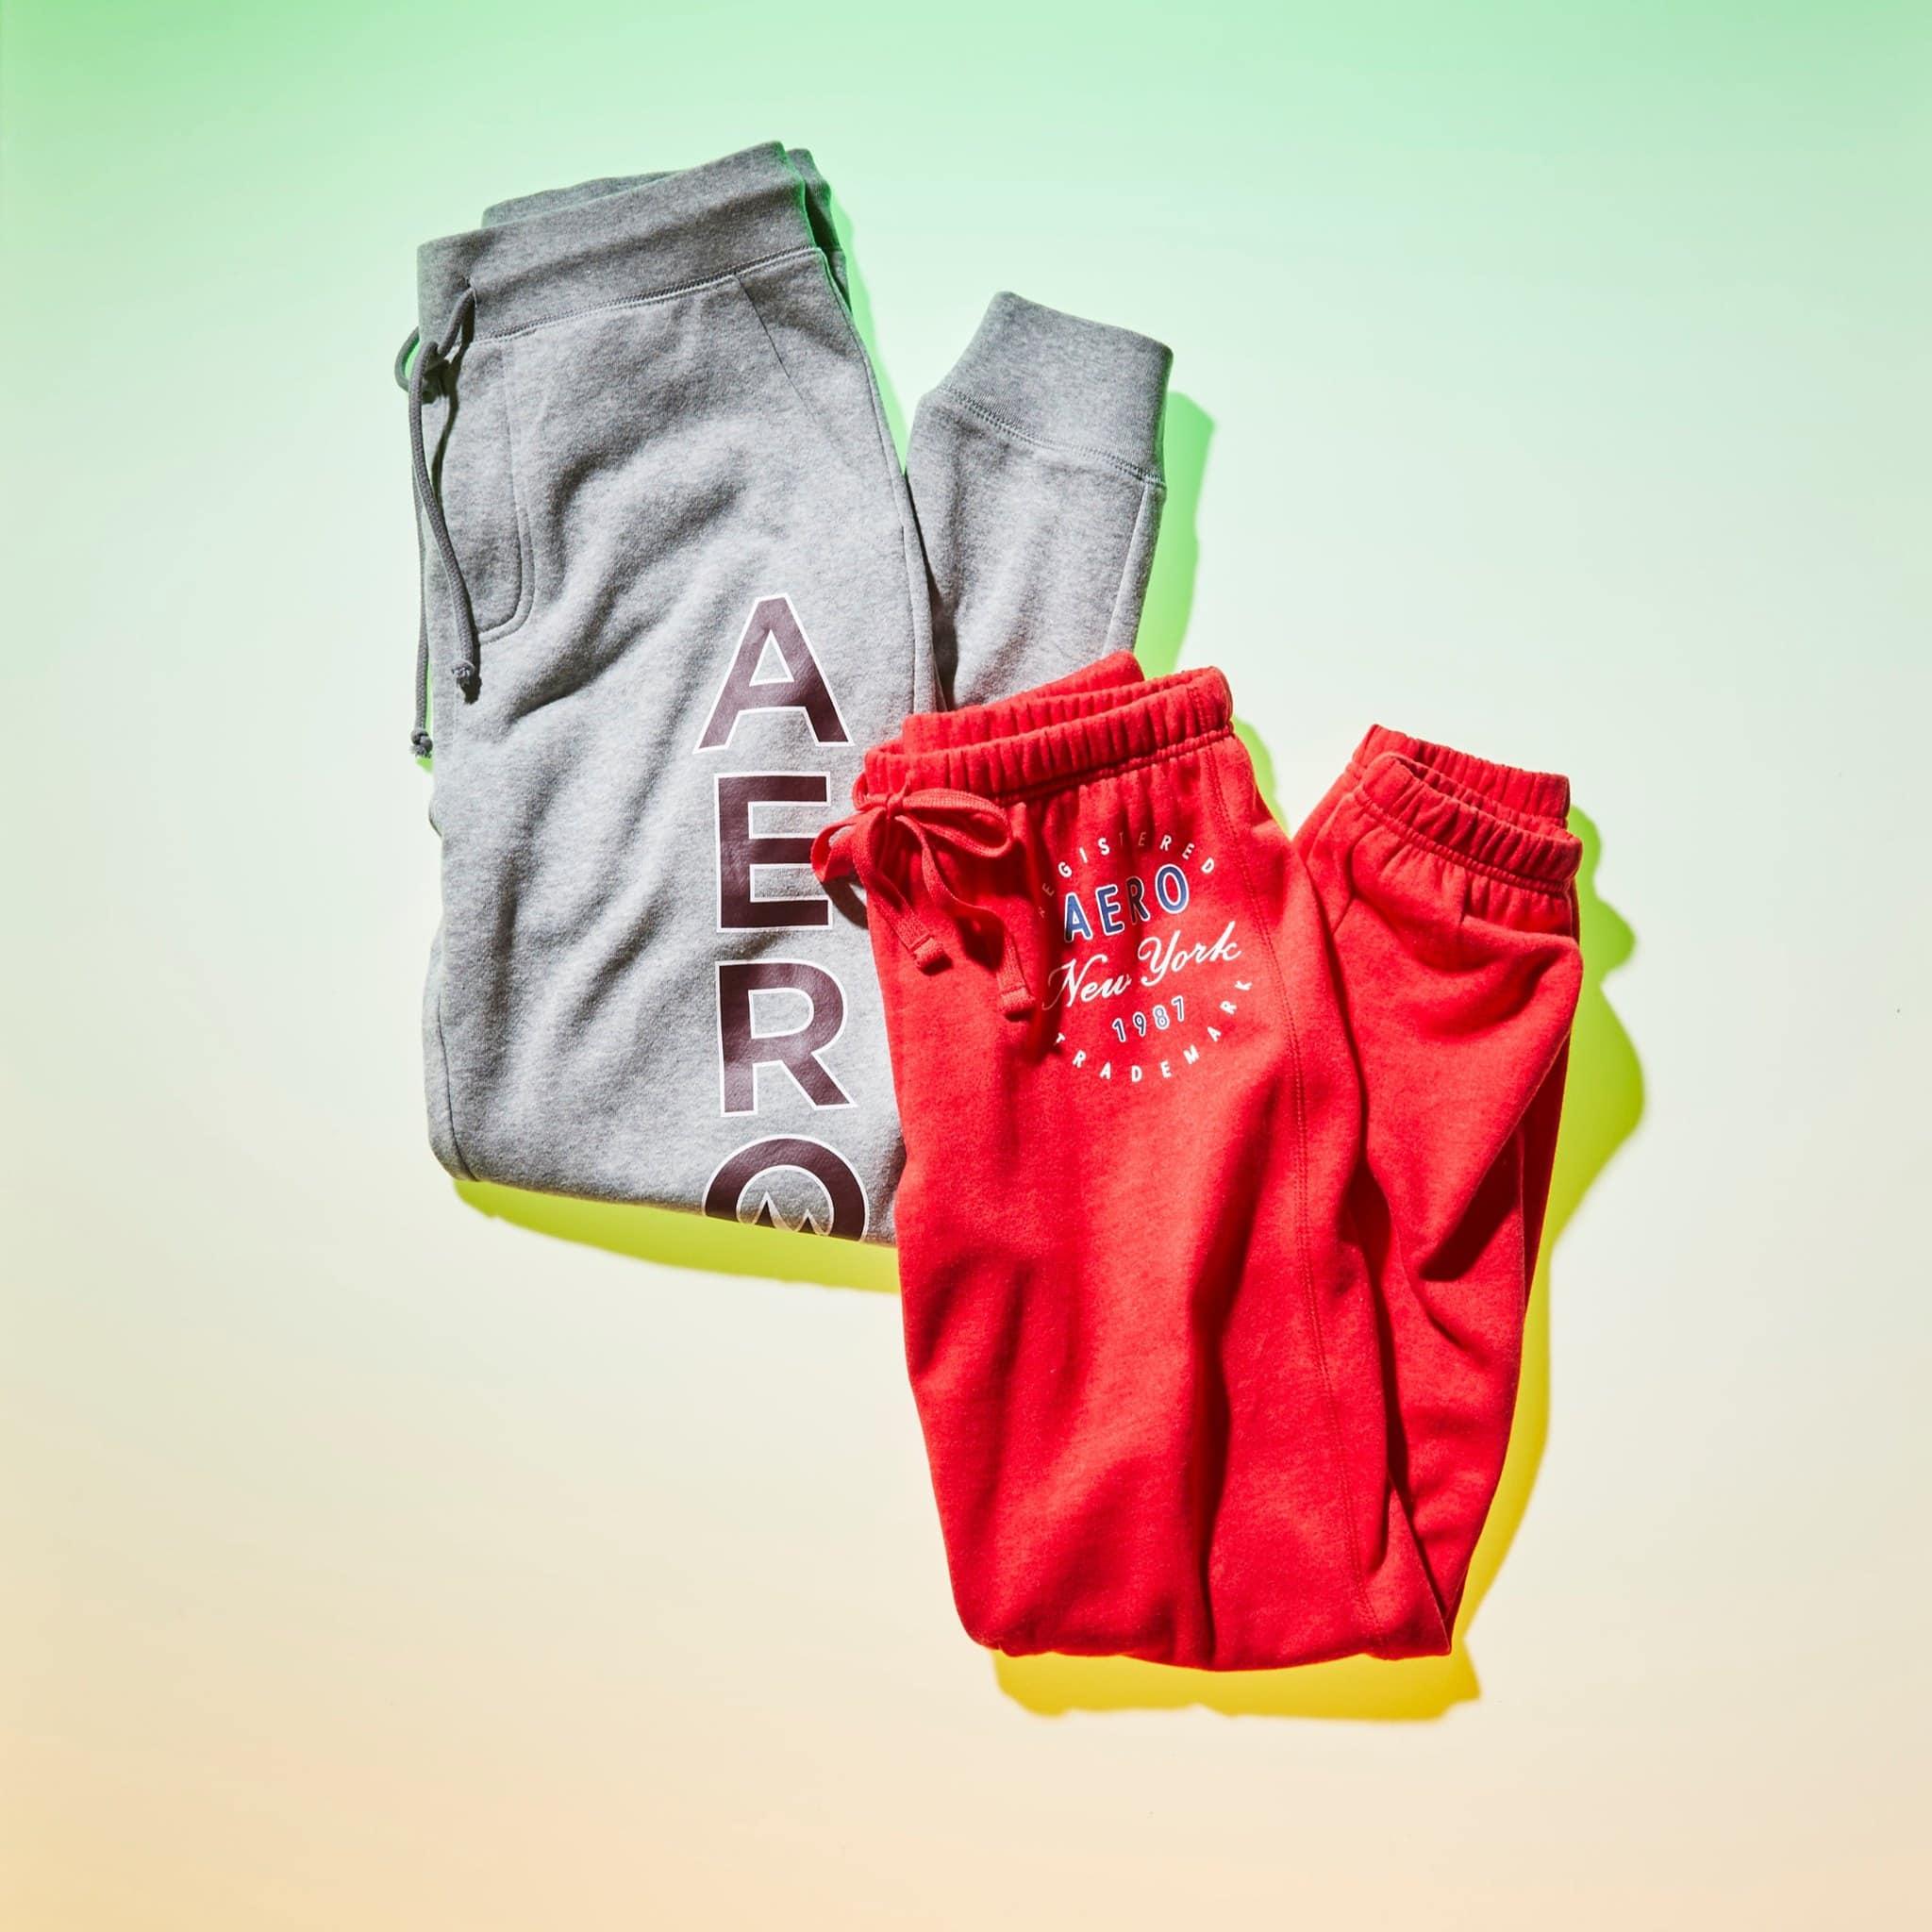 aero joggers